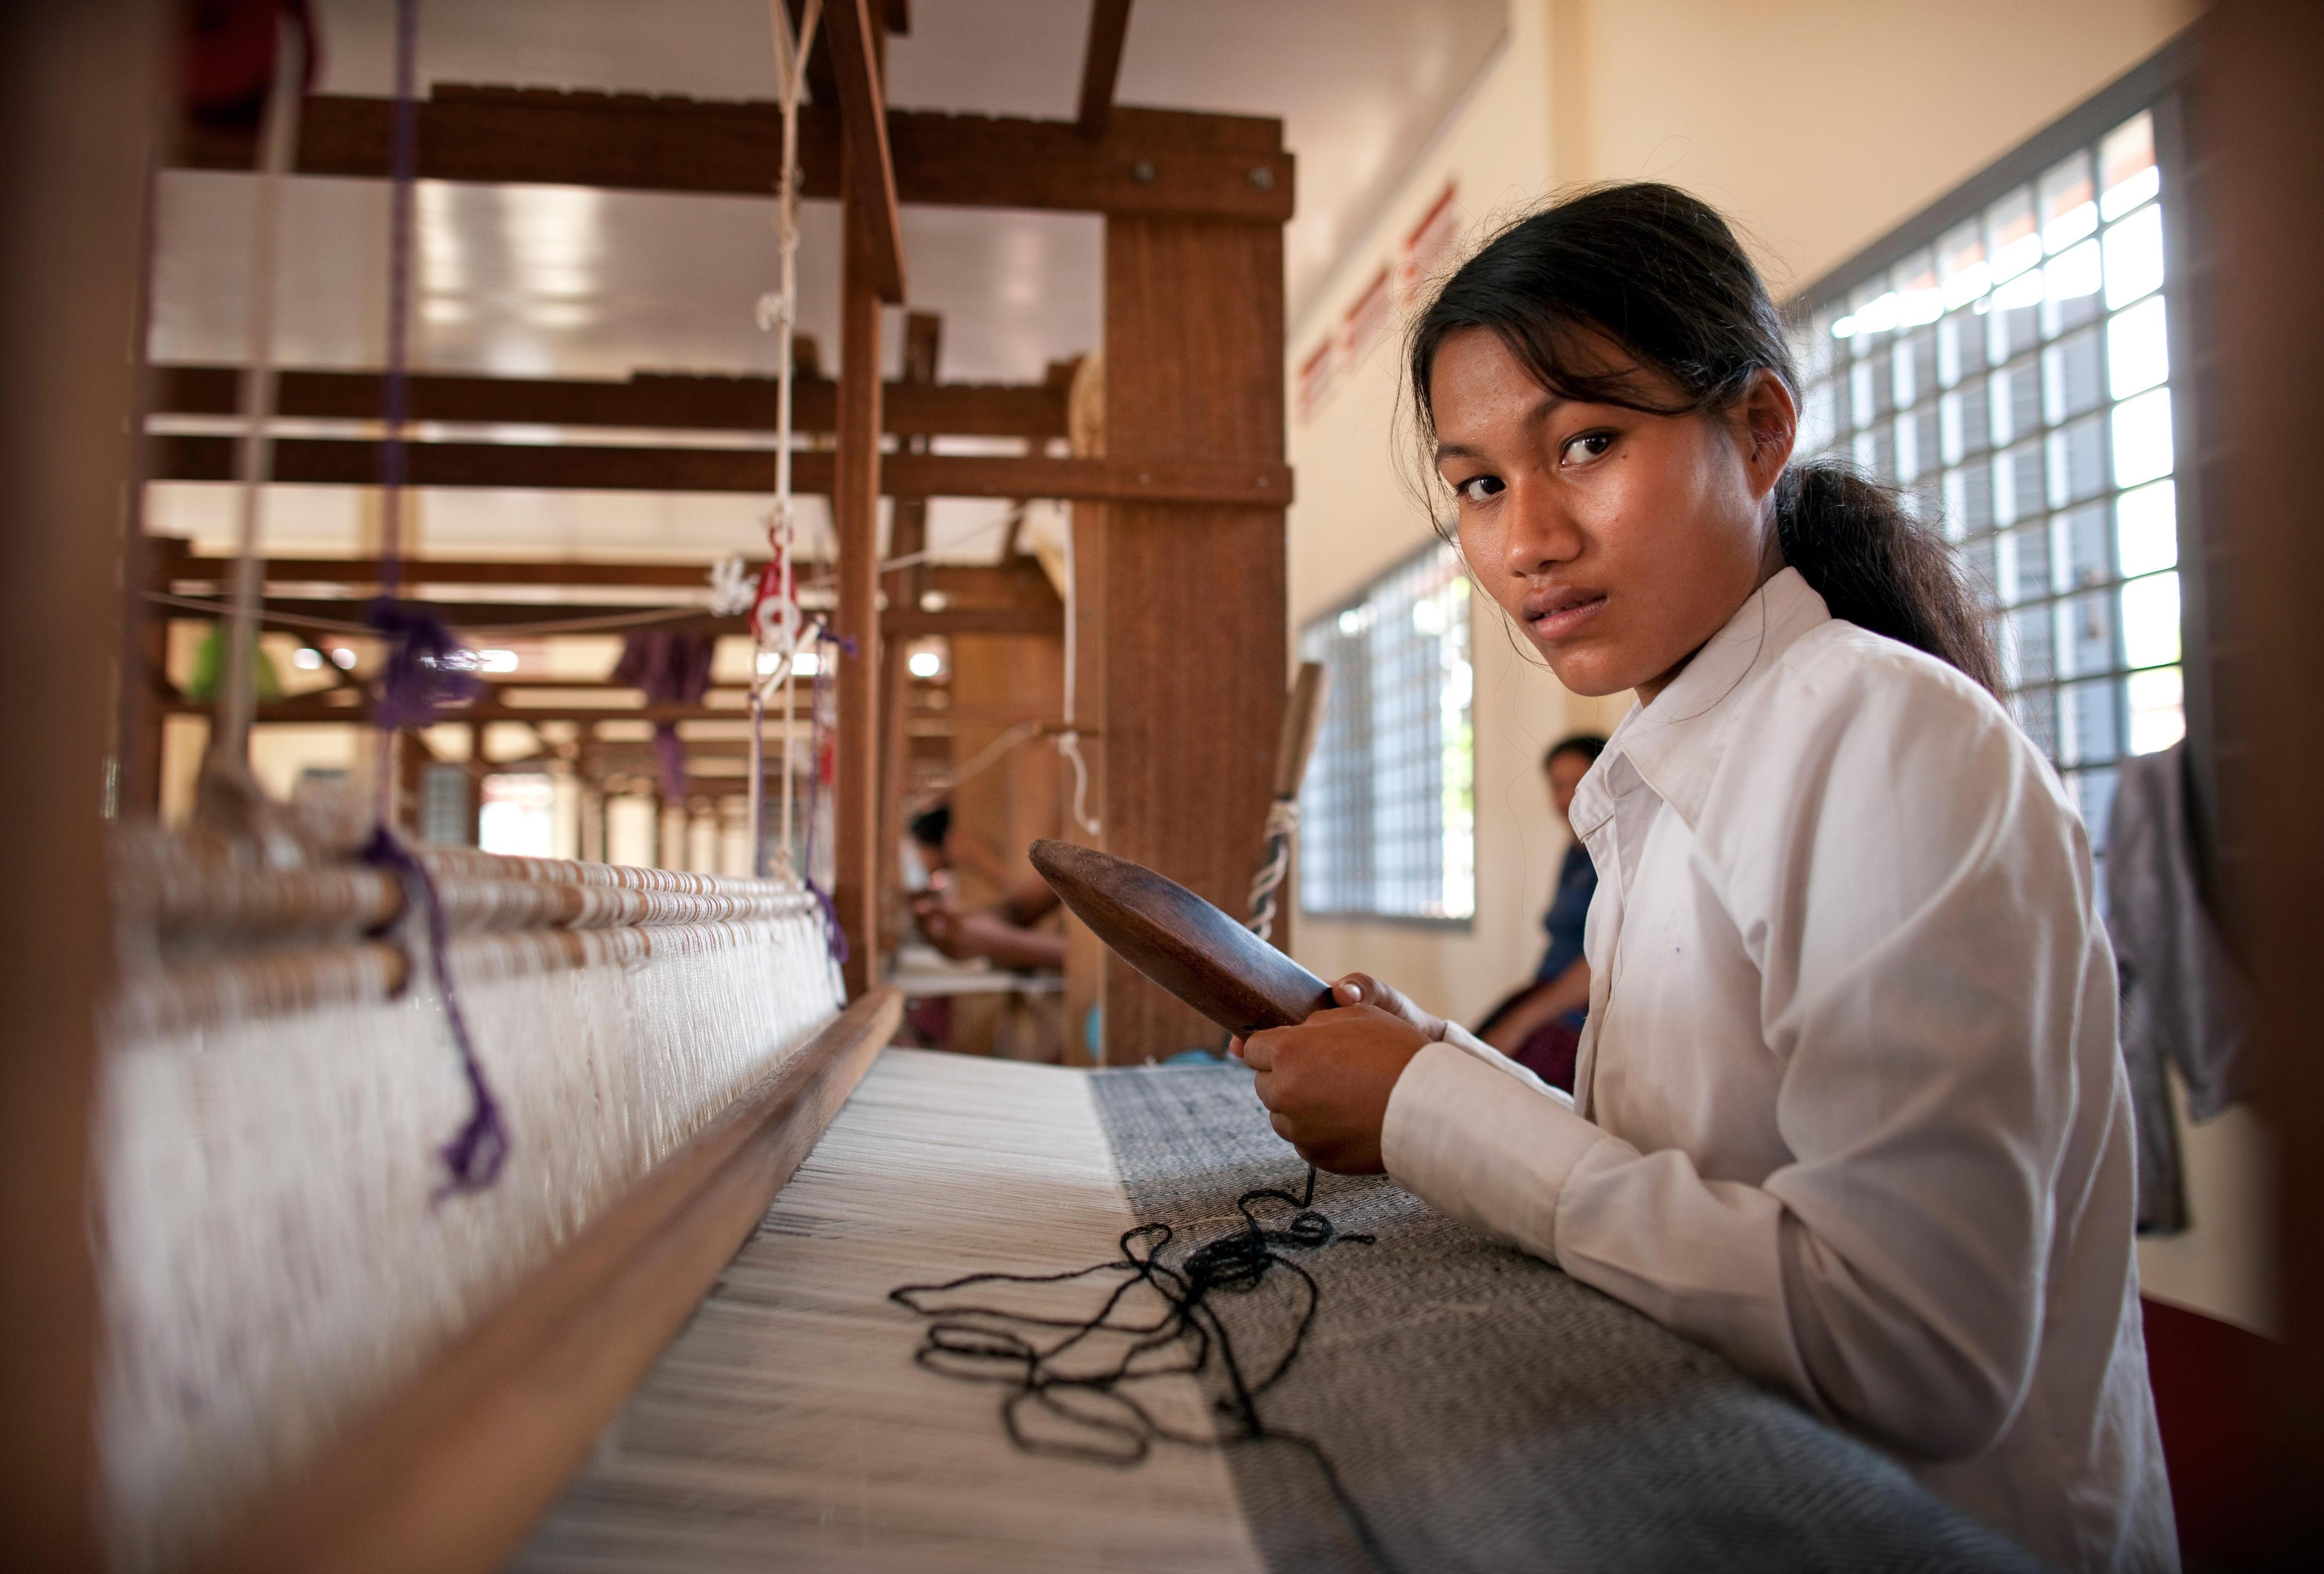 Eine Frau lernt, einen Webstuhl zu bedienen.